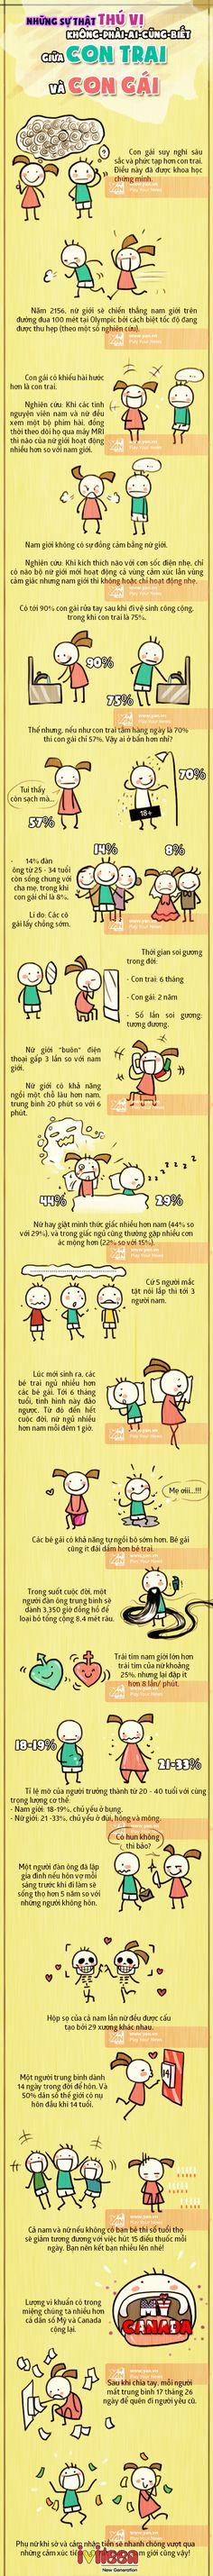 """Những sự thật thú vị không-phải-ai-cũng-biết giữa con trai và con gái - http://www.iviteen.com/nhung-su-that-thu-vi-khong-phai-ai-cung-biet-giua-con-trai-va-con-gai/ Bạn nghĩ con trai với con gái ai """"ở bẩn"""" hơn, hay giữa con trai với con gái thì ai tự lập hơn? Câu trả lời sẽ khiến bạn bất ngờ, thậm chí là sẽ """"sốc"""" đấy!  #iviteen #newgenearation #ivietteen #toivietteen  Kênh Blog -"""